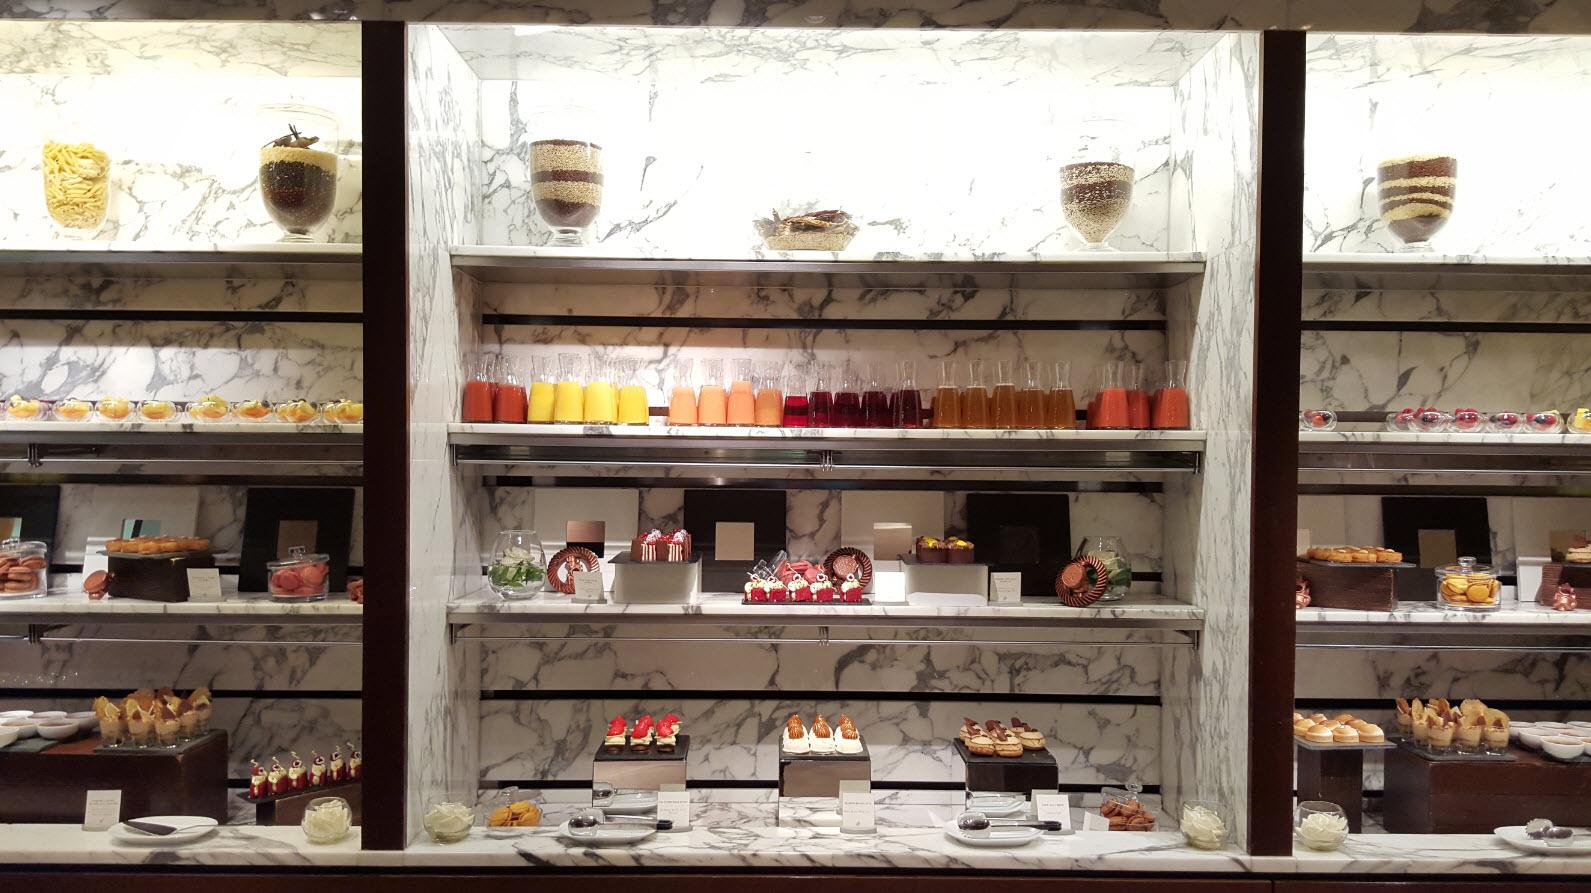 Mur des desserts